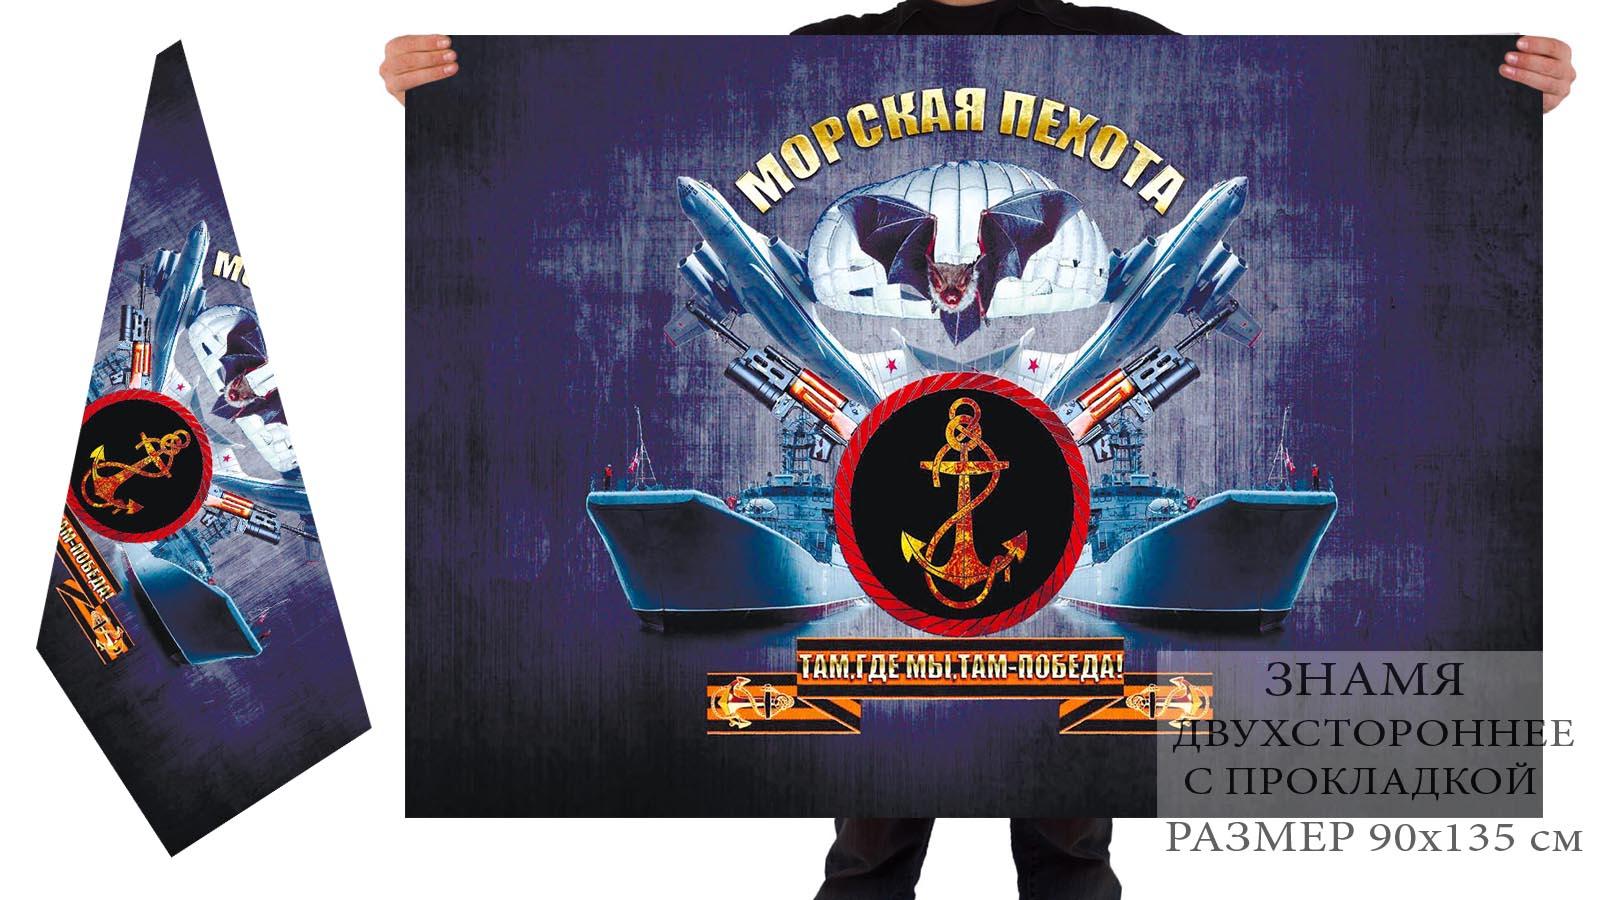 Купить в интернет магазине двусторонний флаг морских пехотинцев